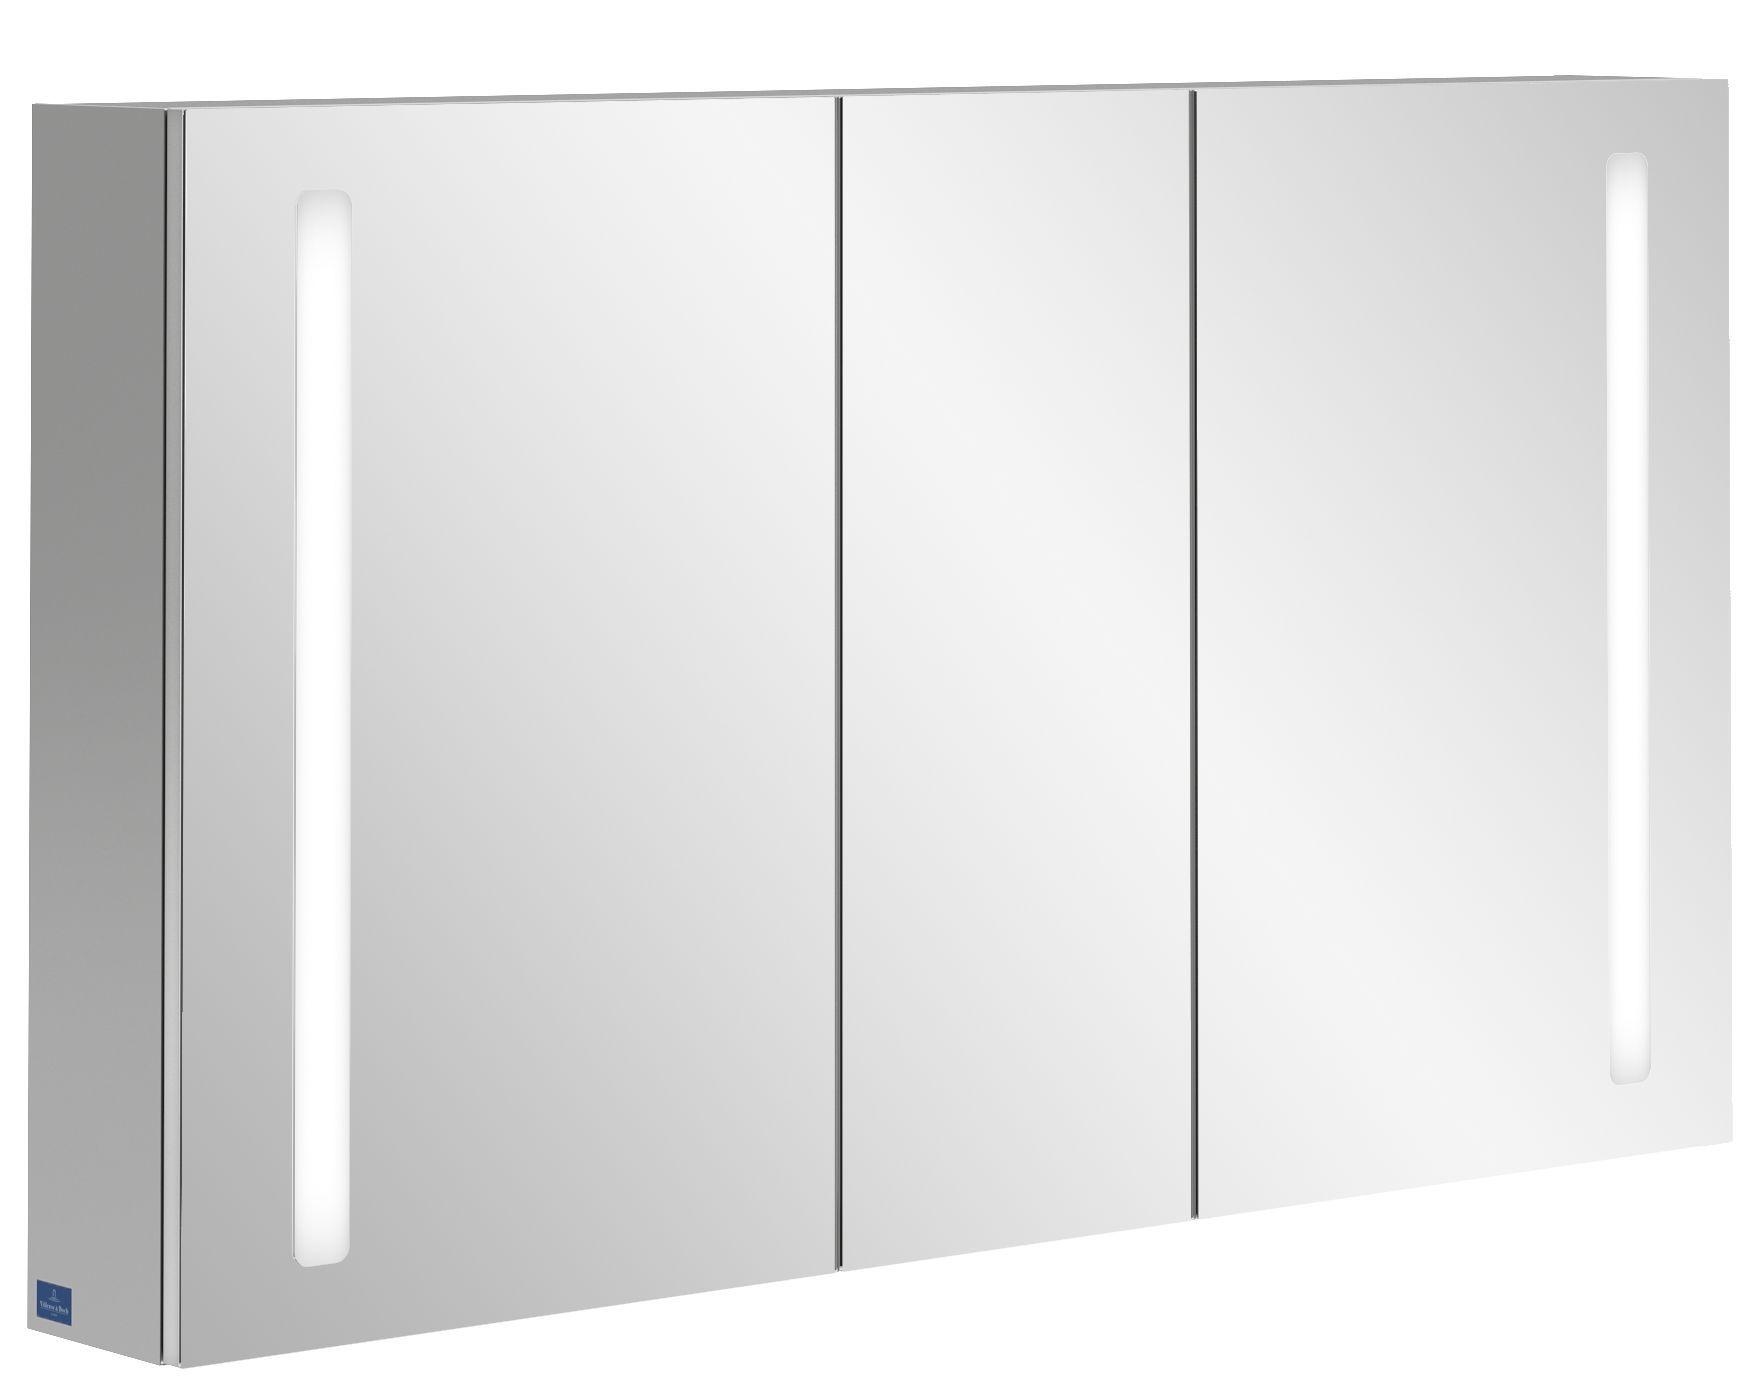 Villeroy & Boch My View 14+ Spiegelschrank mit integrierter LED Beleuchtung B:130xH:75xT:17,3cm A4331300